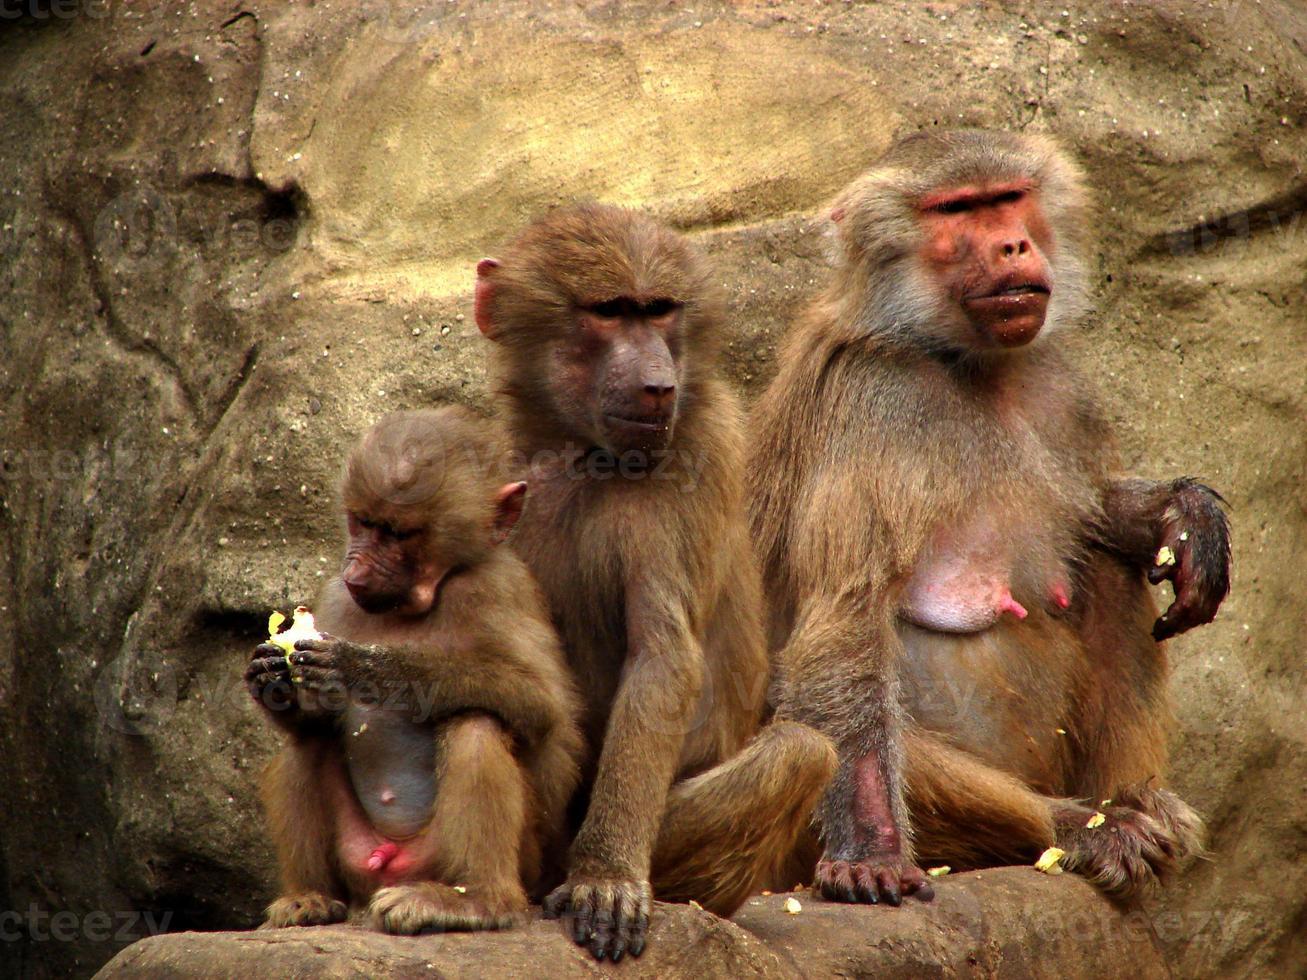 famiglia di babbuini foto